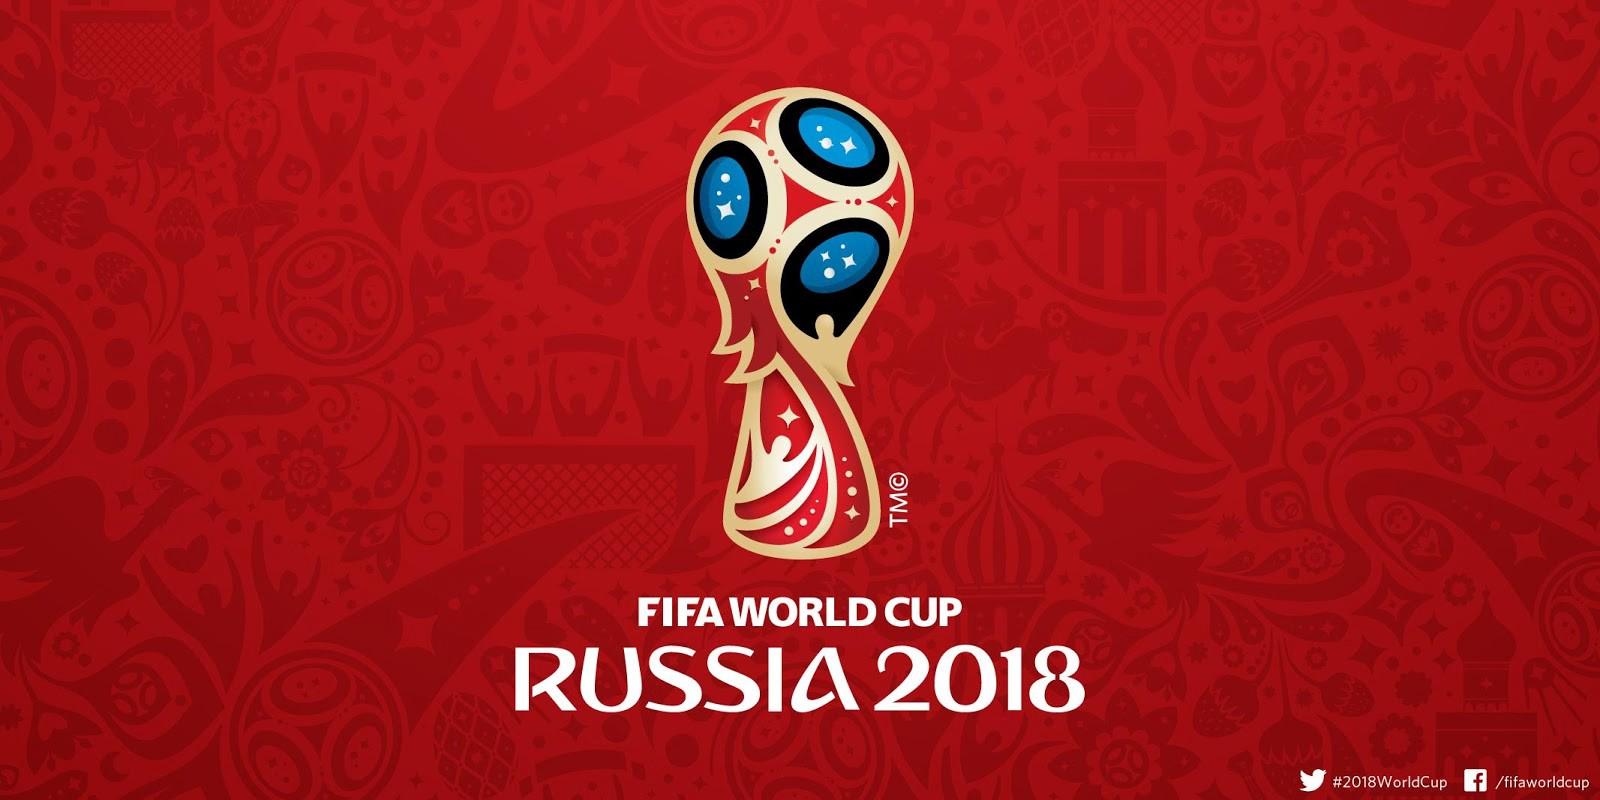 0403 oroszország foci vb futball világbajnokság kriptopénz fizetés